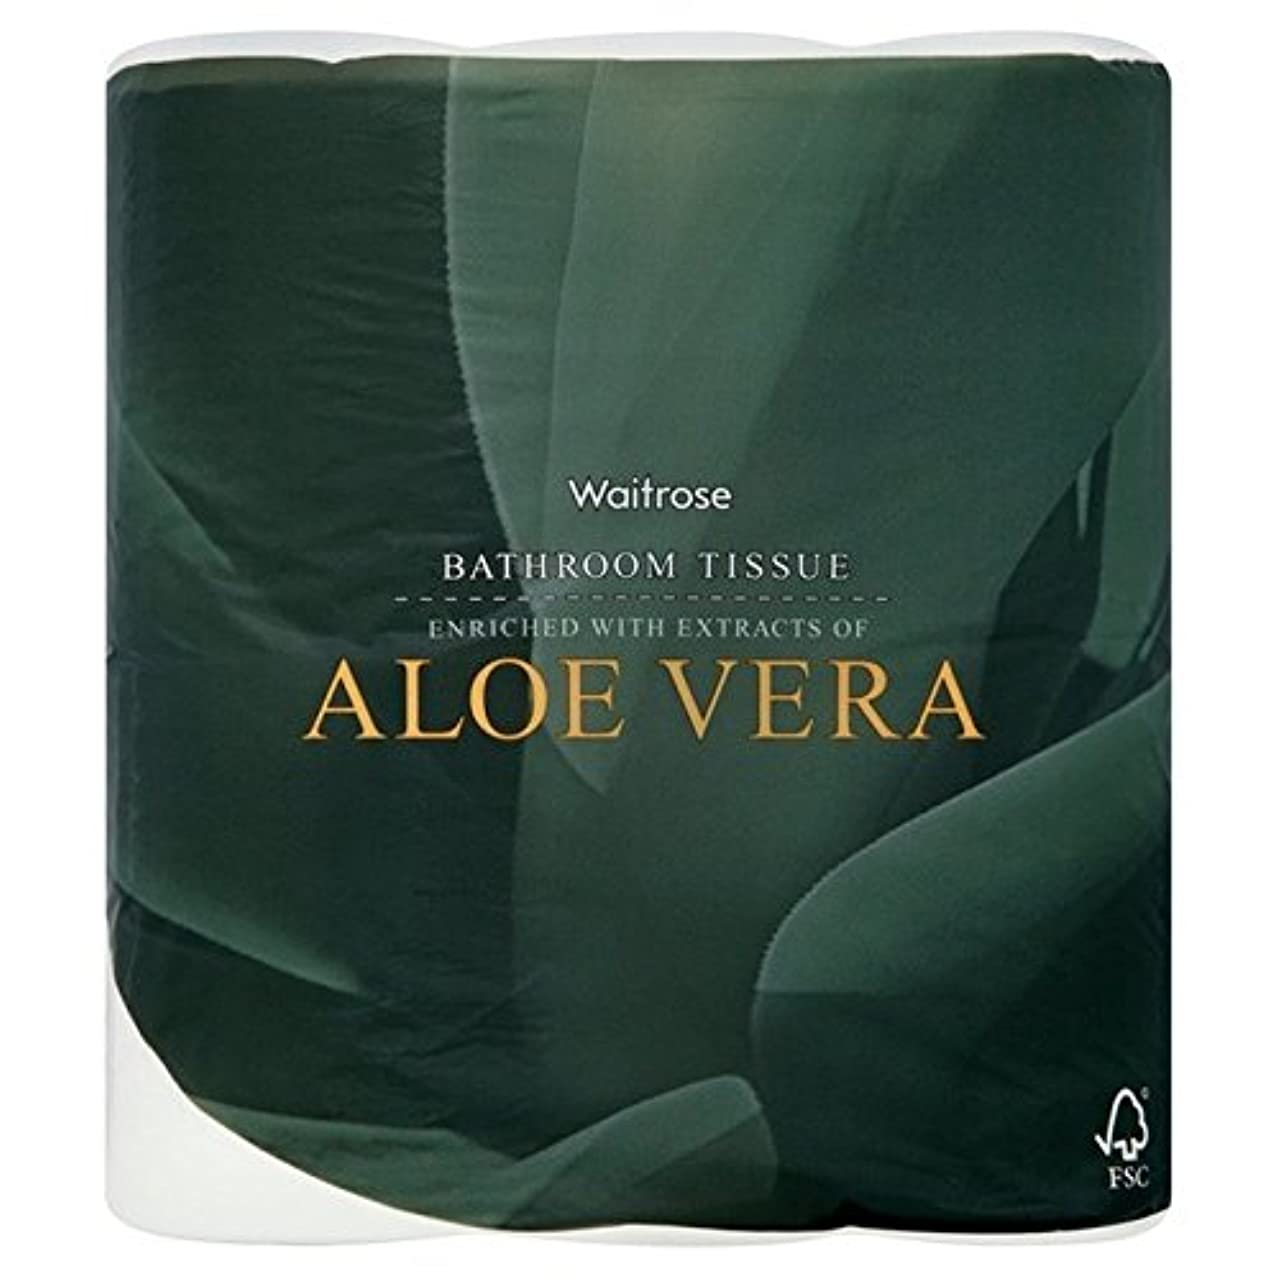 殺人どれかライトニングパックあたりアロエベラ浴室組織白ウェイトローズ4 x2 - Aloe Vera Bathroom Tissue White Waitrose 4 per pack (Pack of 2) [並行輸入品]